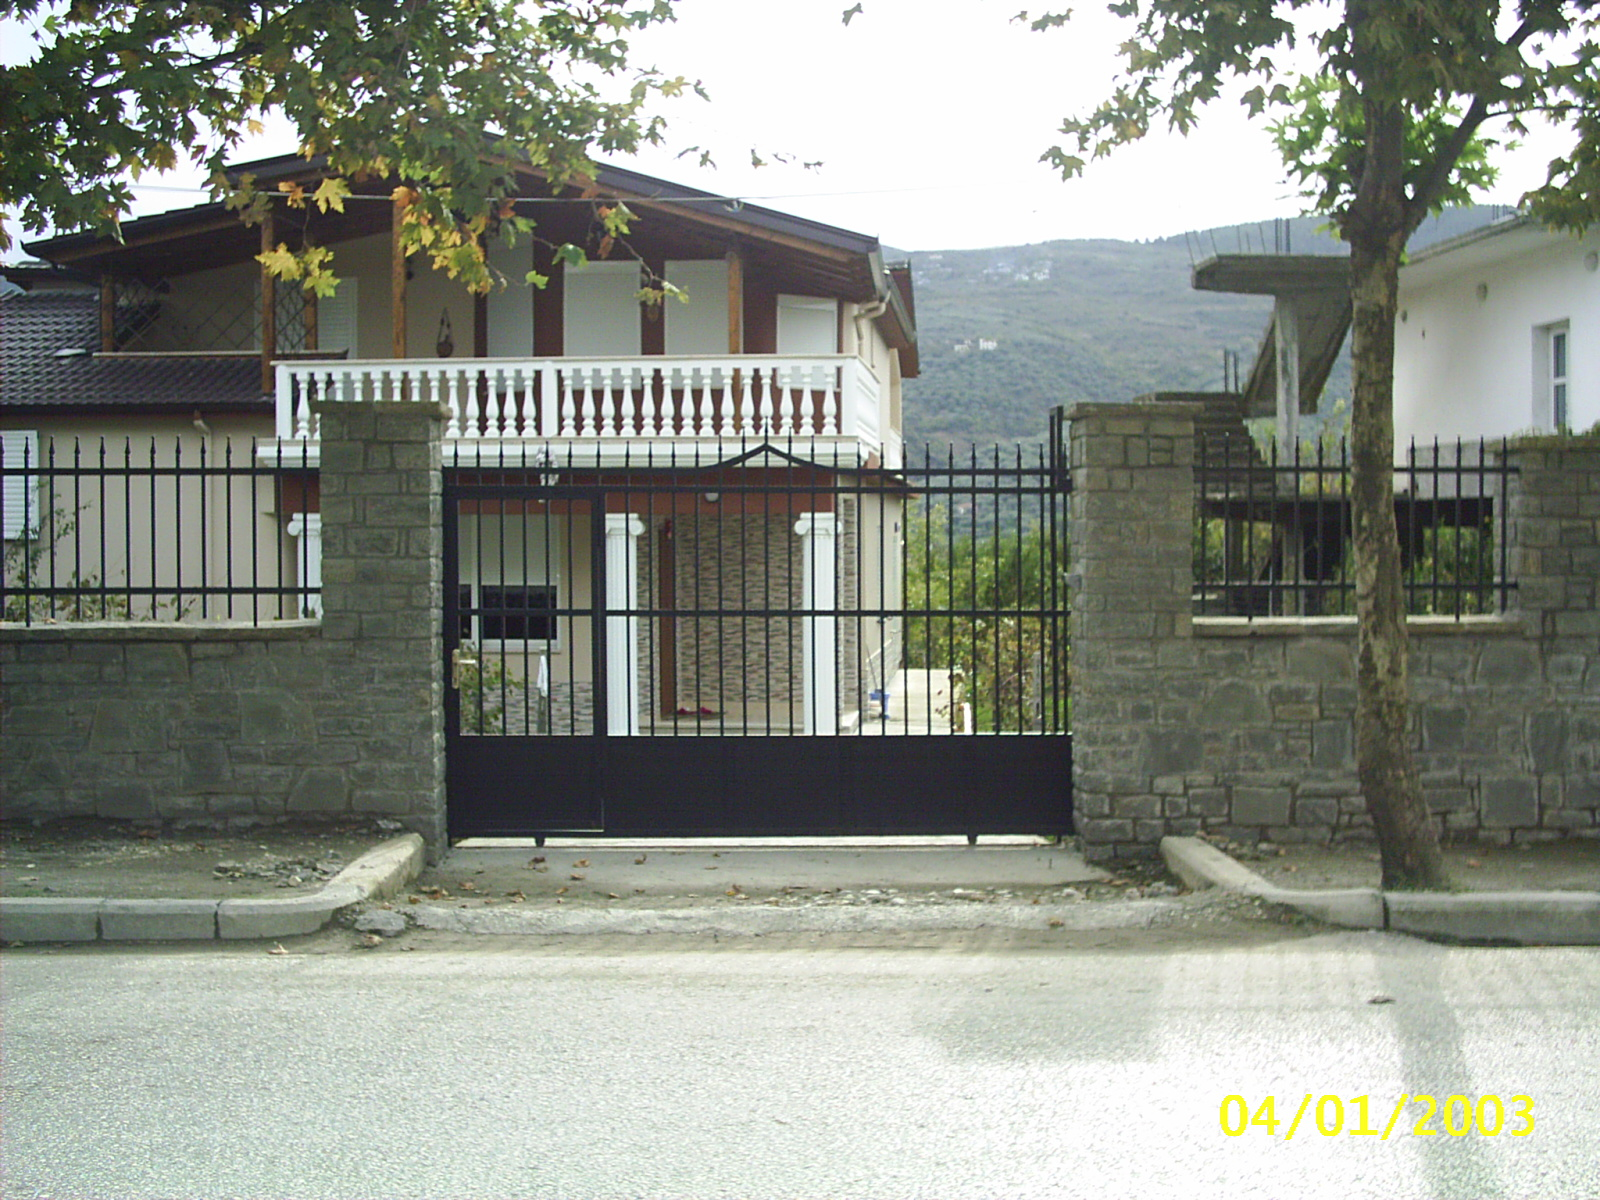 Piastrelle per muro esterno cheap prfrence muri in pietra per